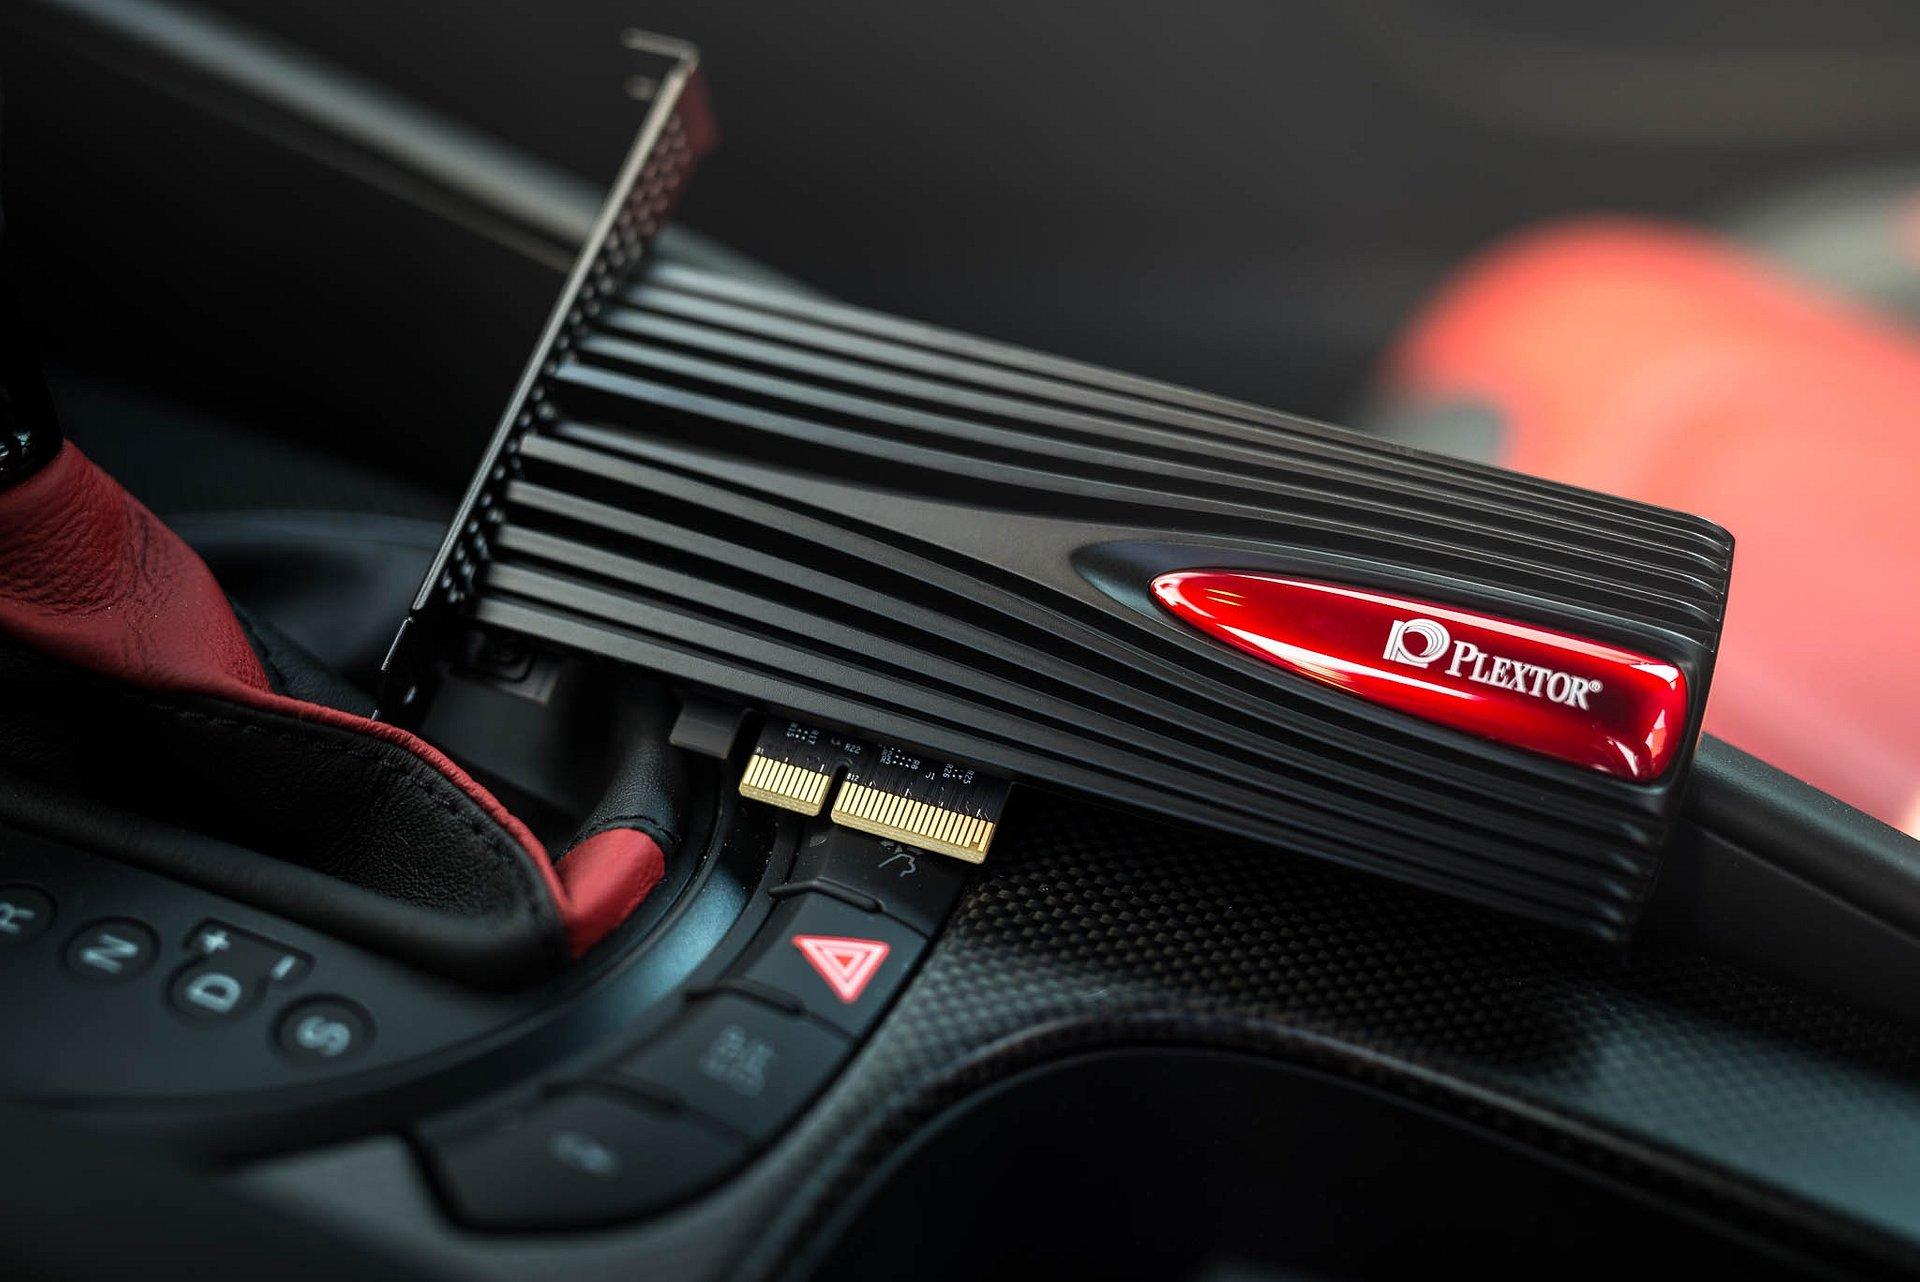 Dyski SSD PCIe przekraczają kolejne granice prędkości. Nawet 10-krotnie szybsze niż SATA